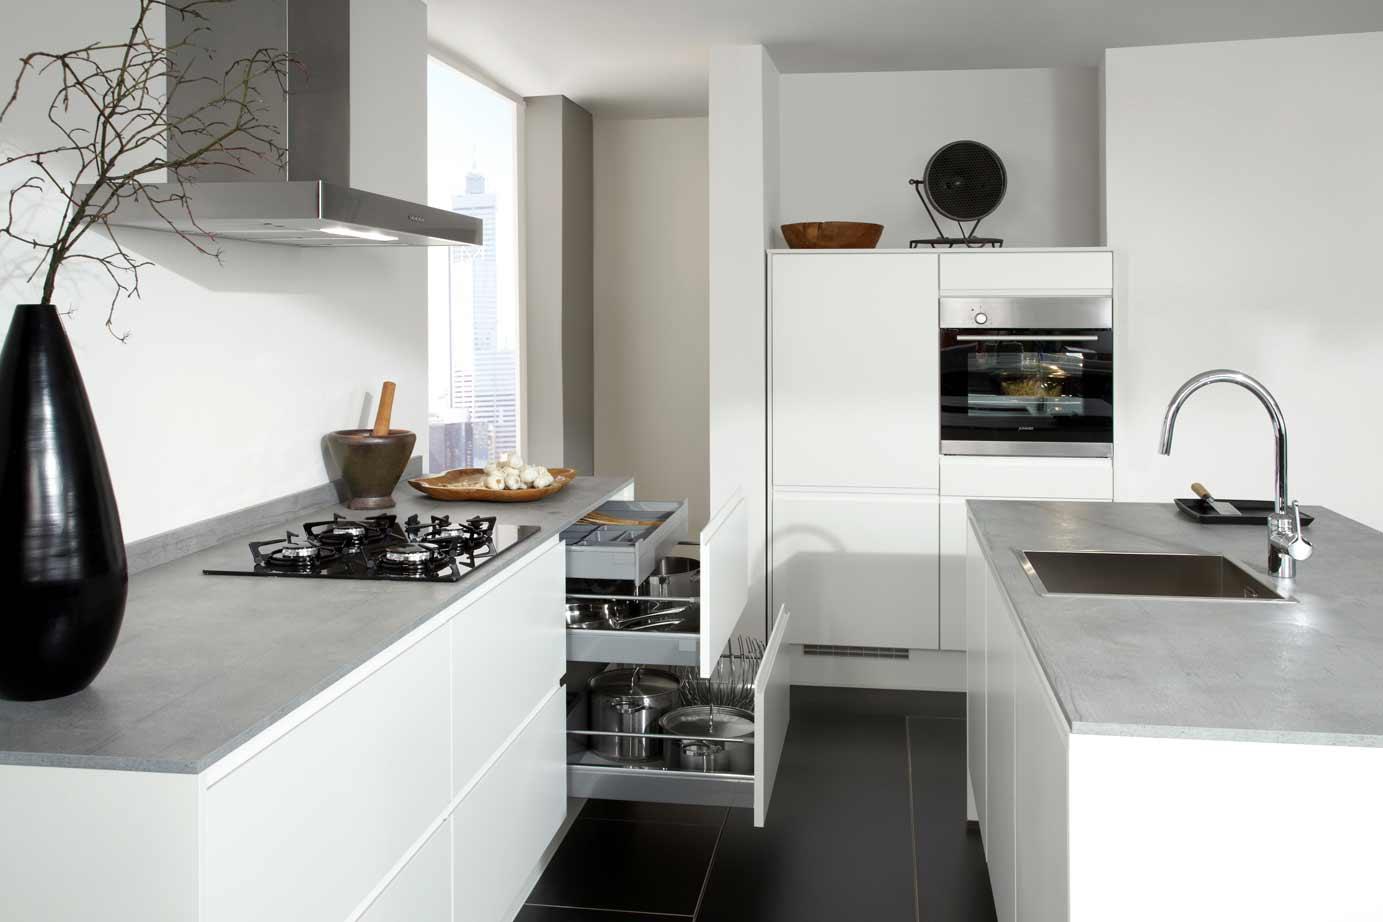 Keukens Goede Prijs Kwaliteit : Goedkope keuken kopen, met beste prijs